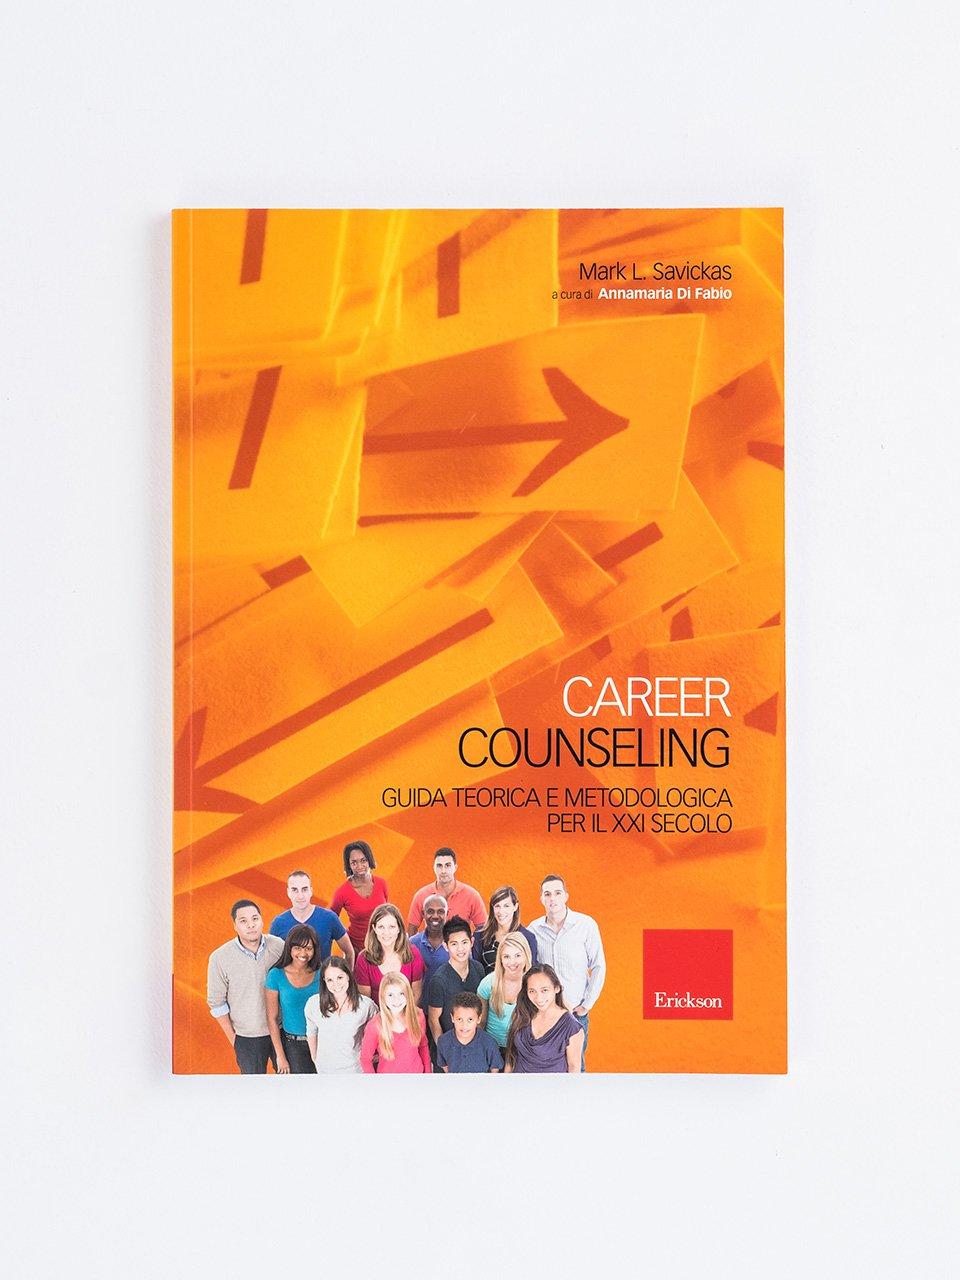 Career counseling - Cloze e riordino di frasi - App e software - Erickson